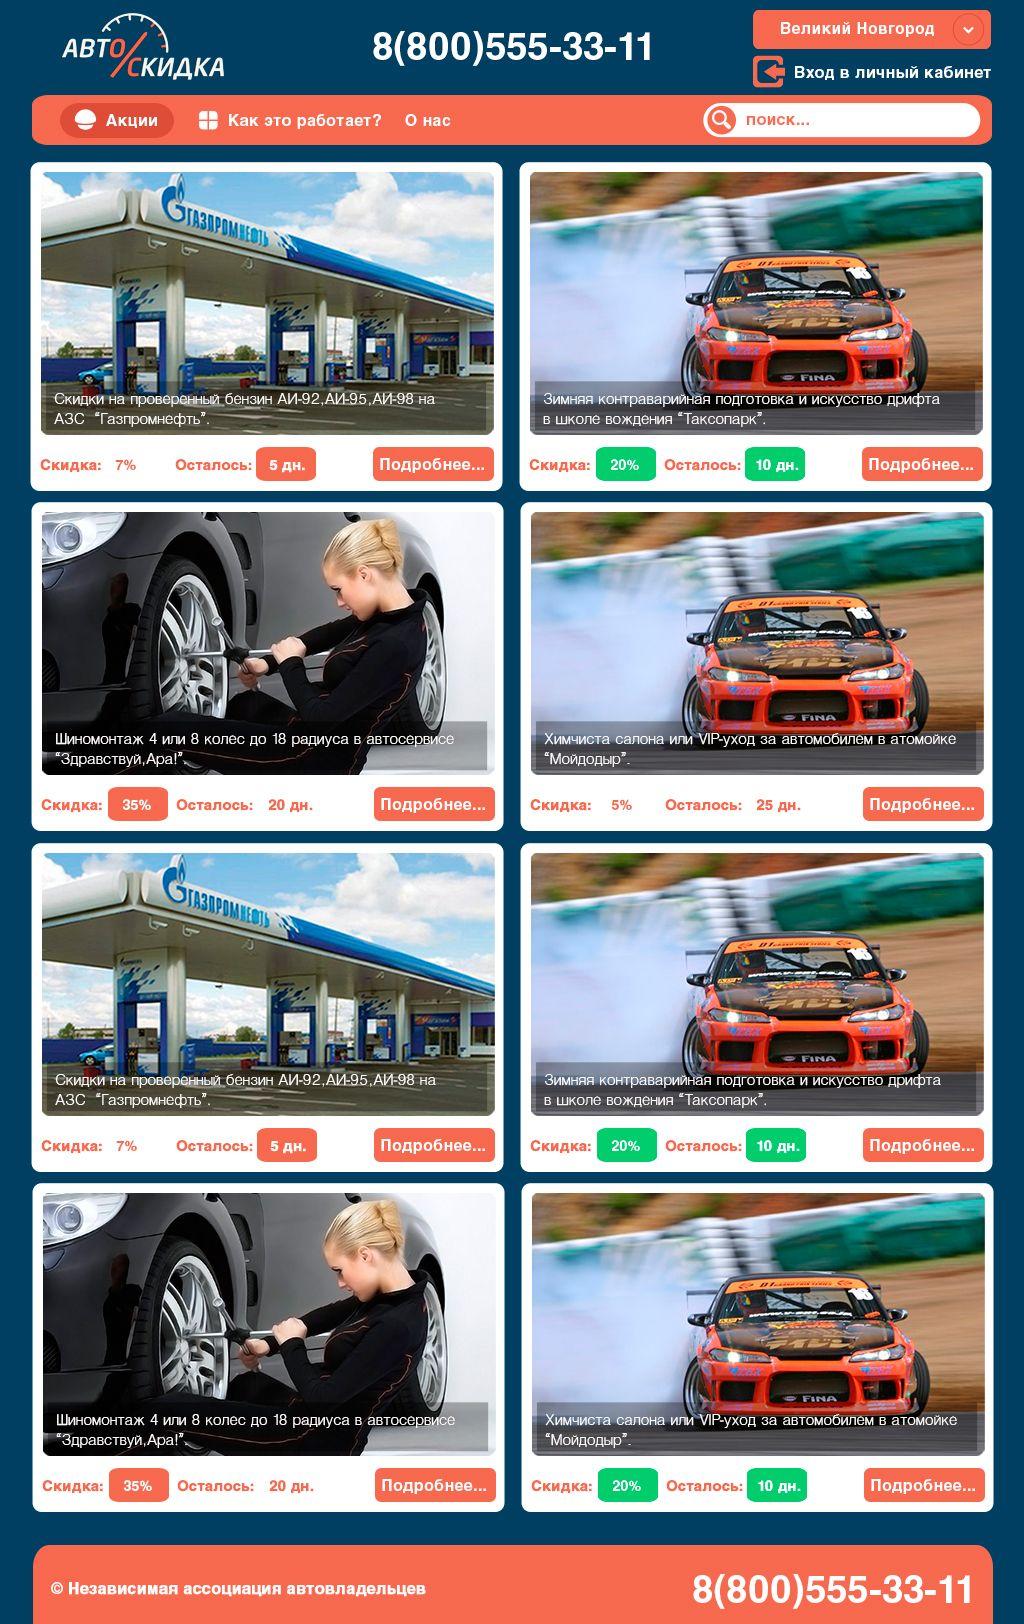 Дизайн сайта со скидками для автовладельцев - дизайнер Aleksey-Korolev